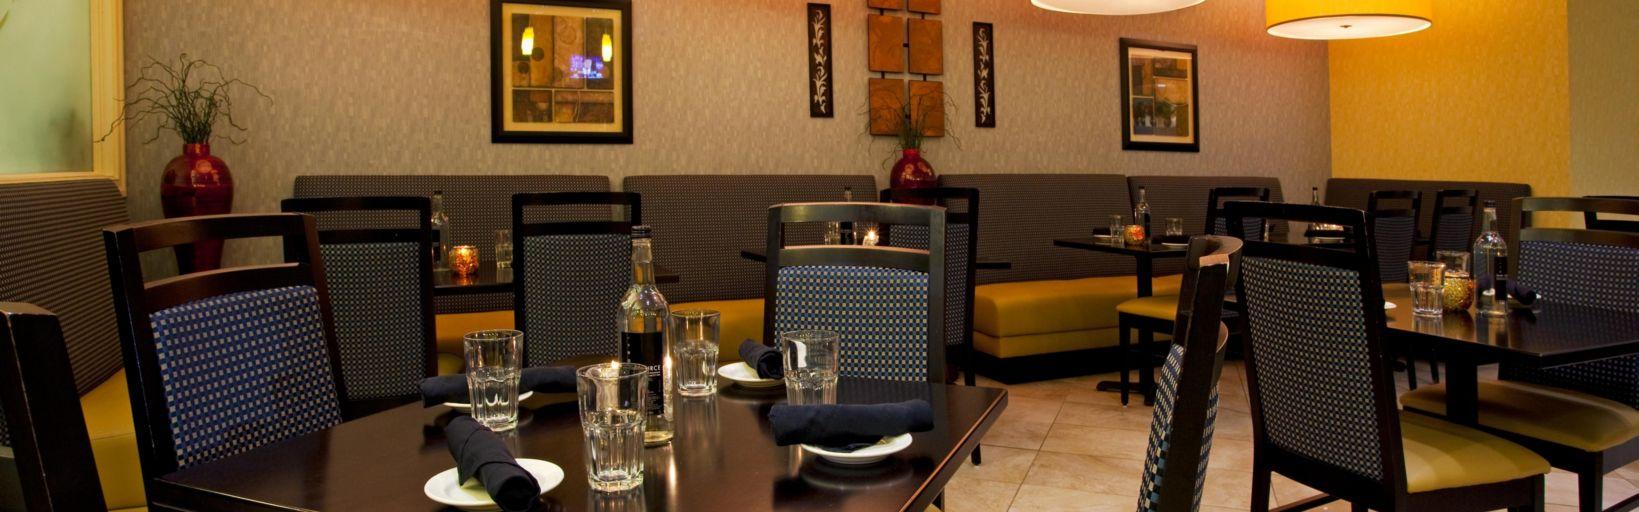 Restaurants Near Holiday Inn Statesboro University Area